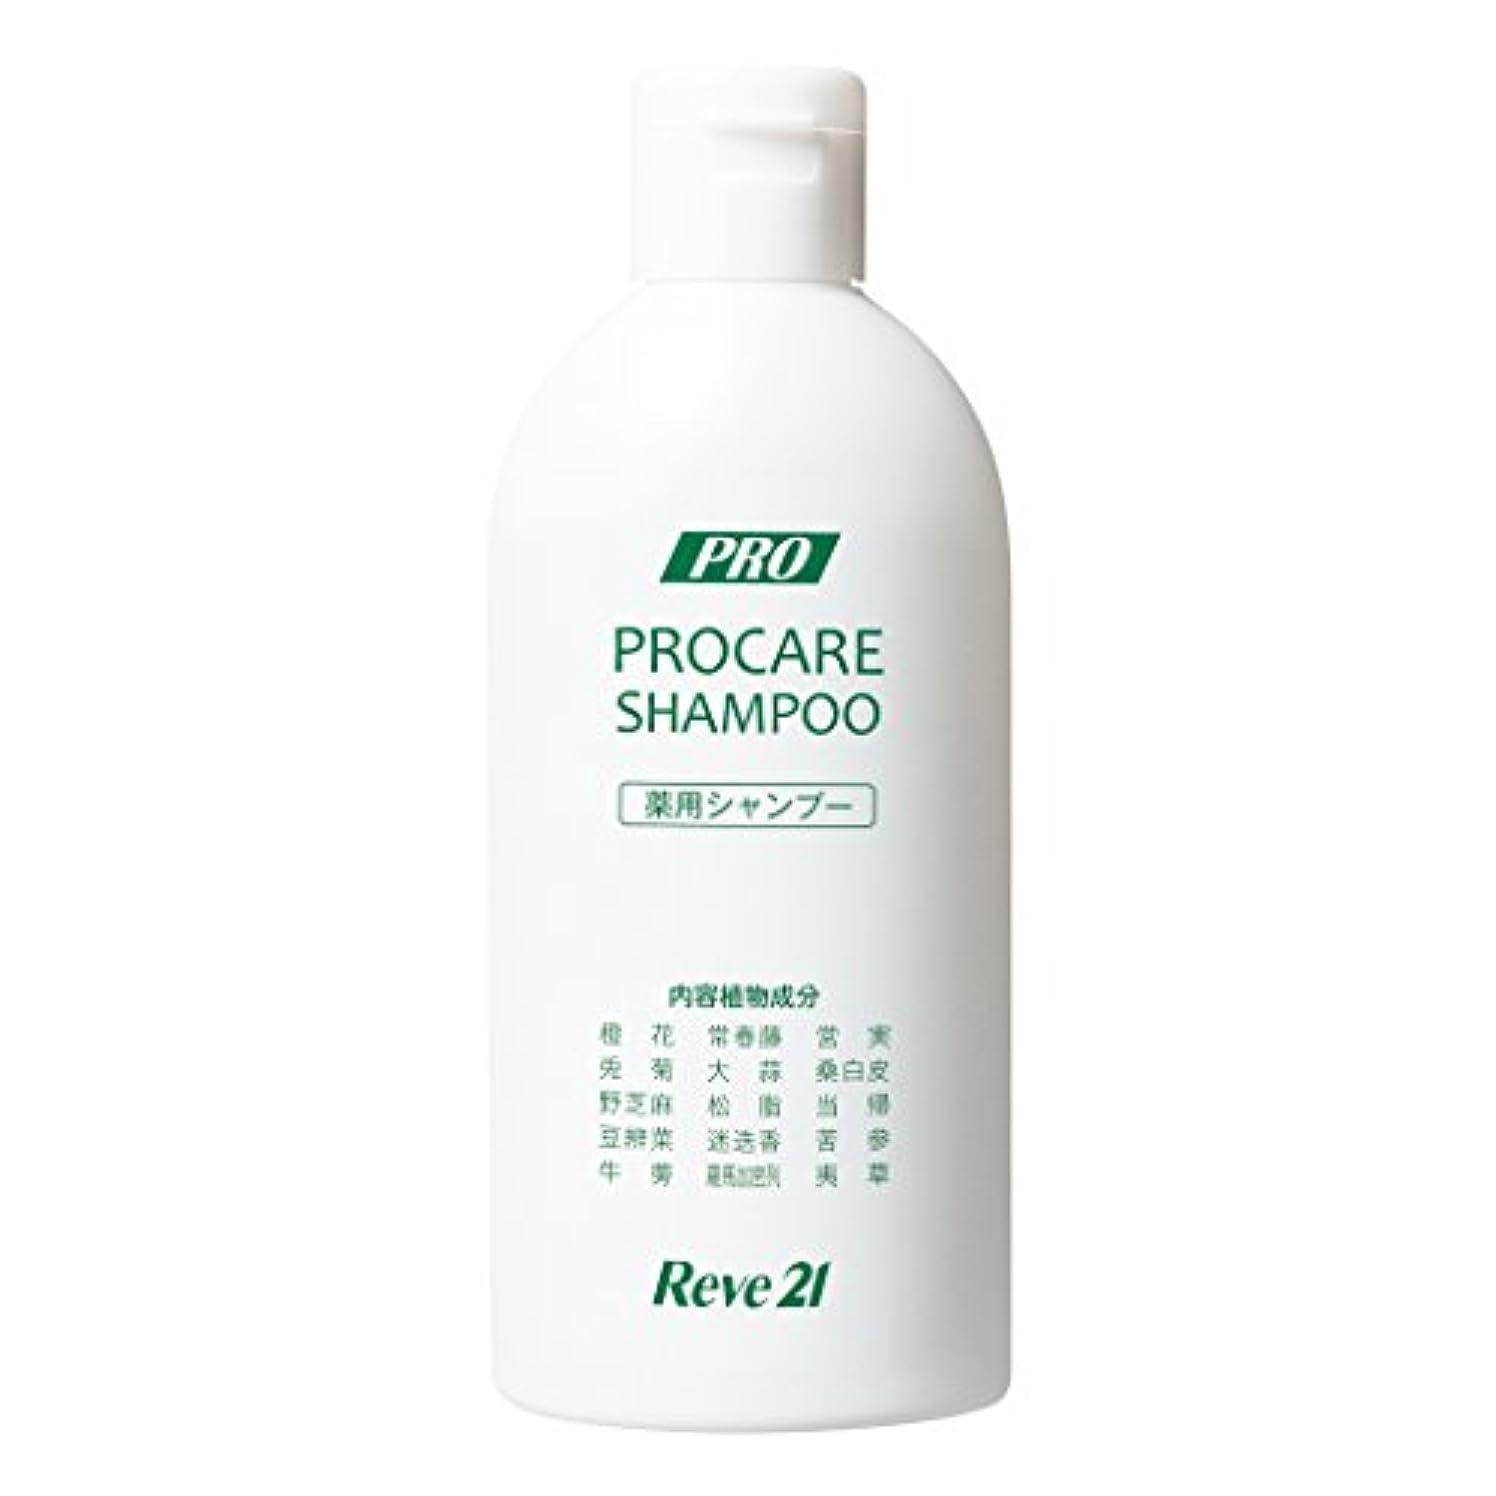 発生適応的失リーブ21 薬用プロケアシャンプー 200ml[医薬部外品] 育毛 発毛 育毛シャンプー